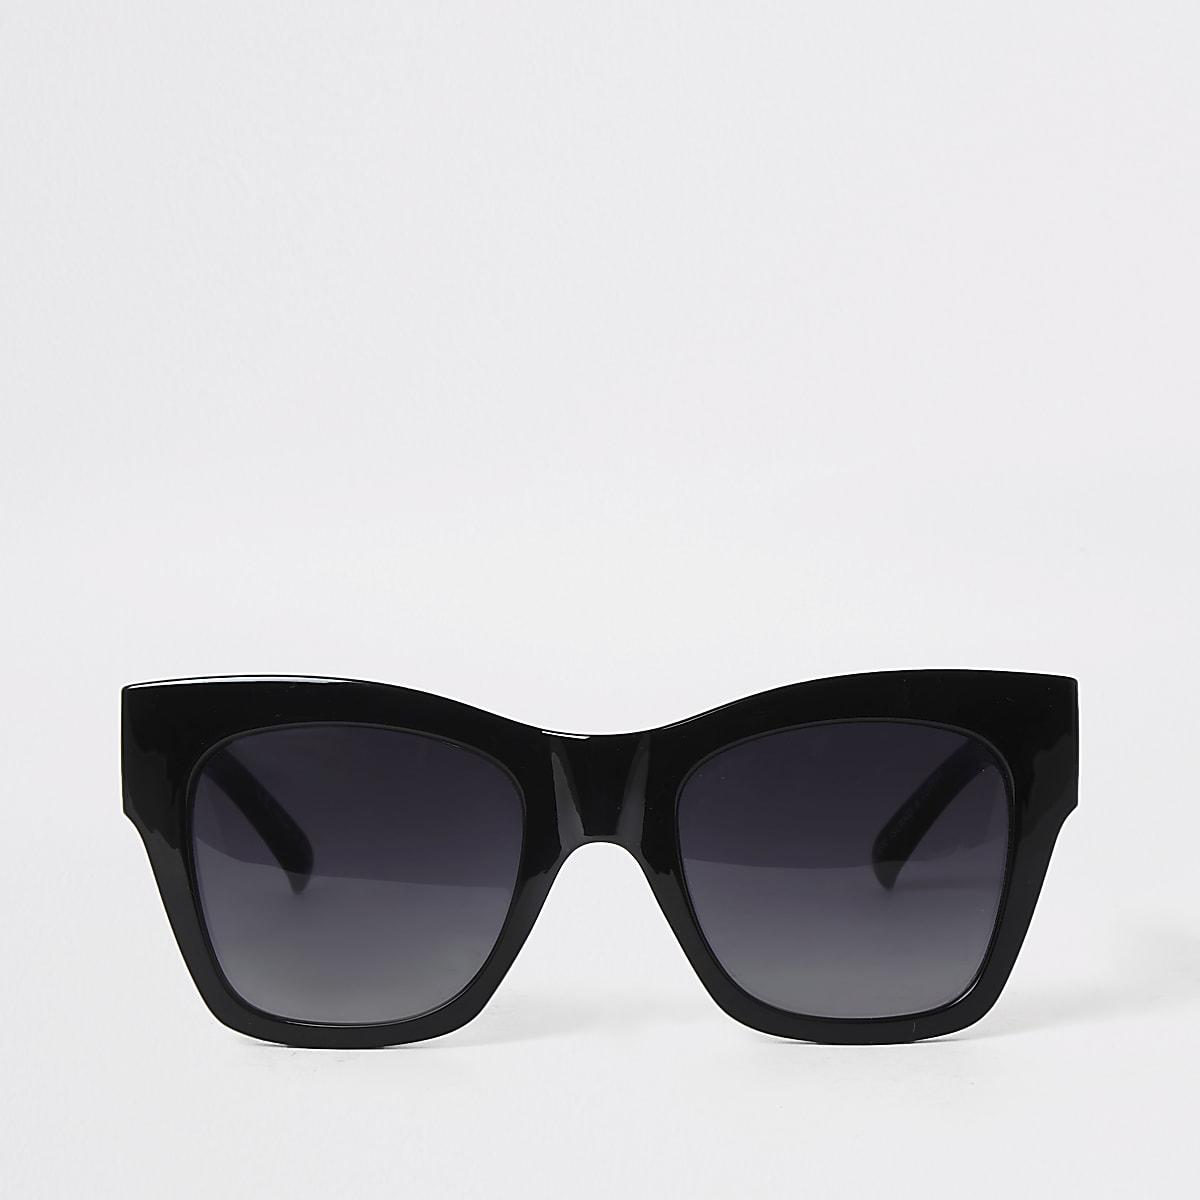 Zwarter oversized zonnebril met goudkleurige accenten